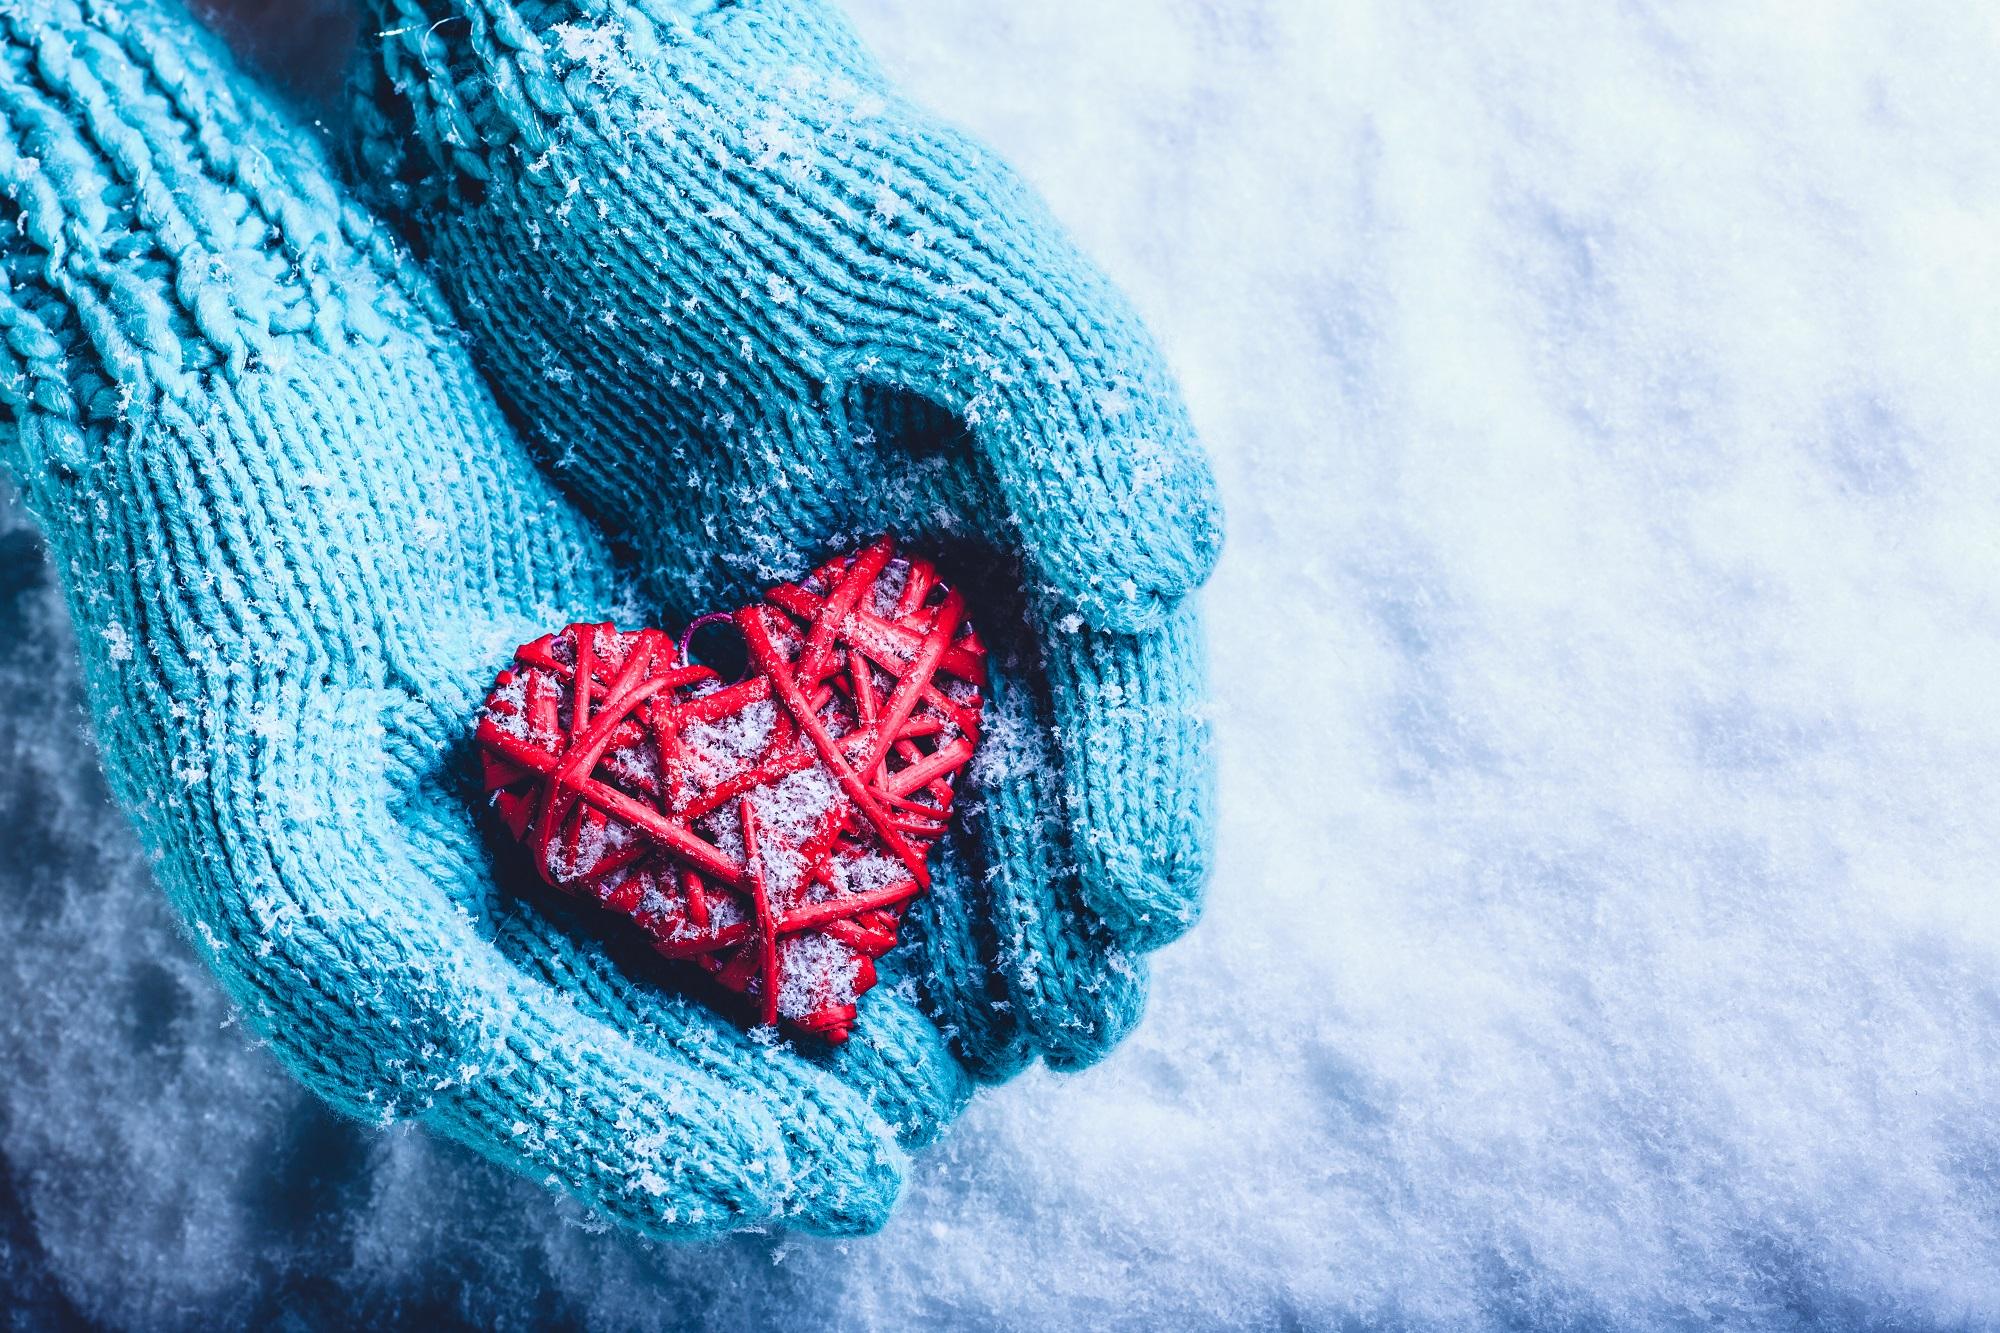 Праздники февраль 2018 года. Источник фото: Shutterstock